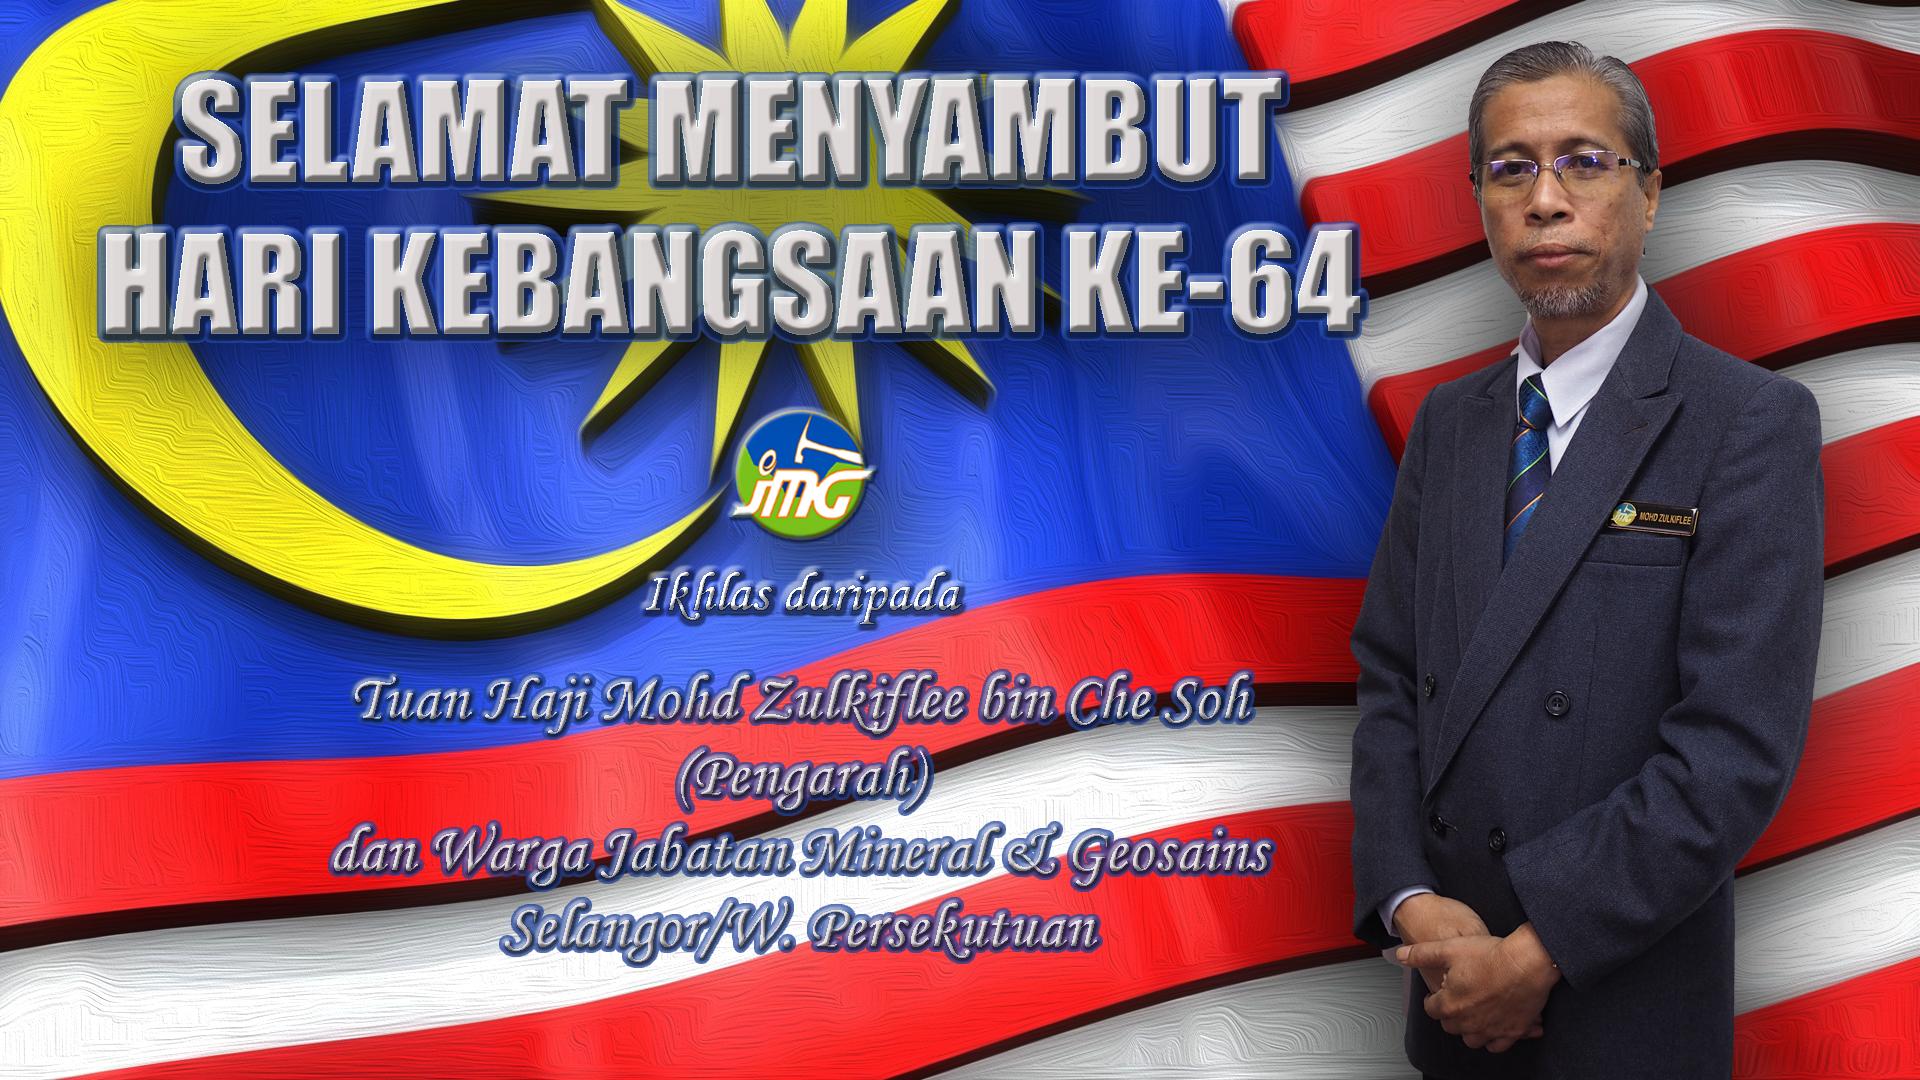 SELAMAT MENYAMBUT HARI KEBANGSAAN KE- 64